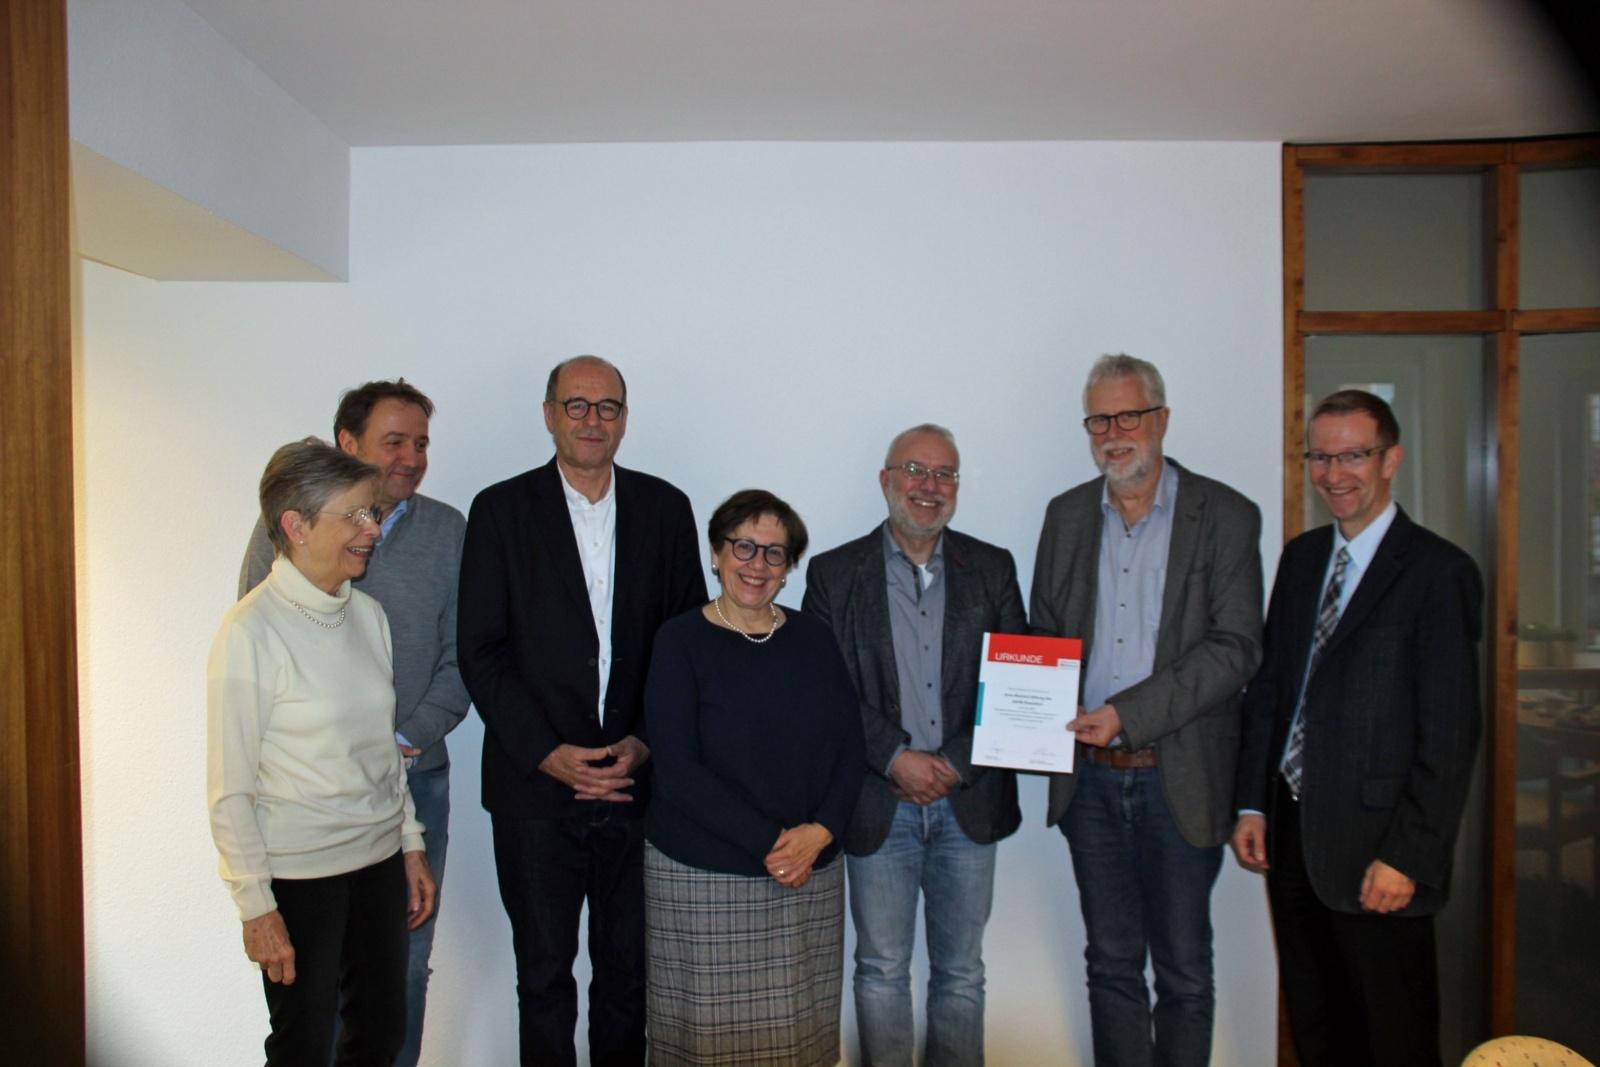 Caritas Stiftung Köln